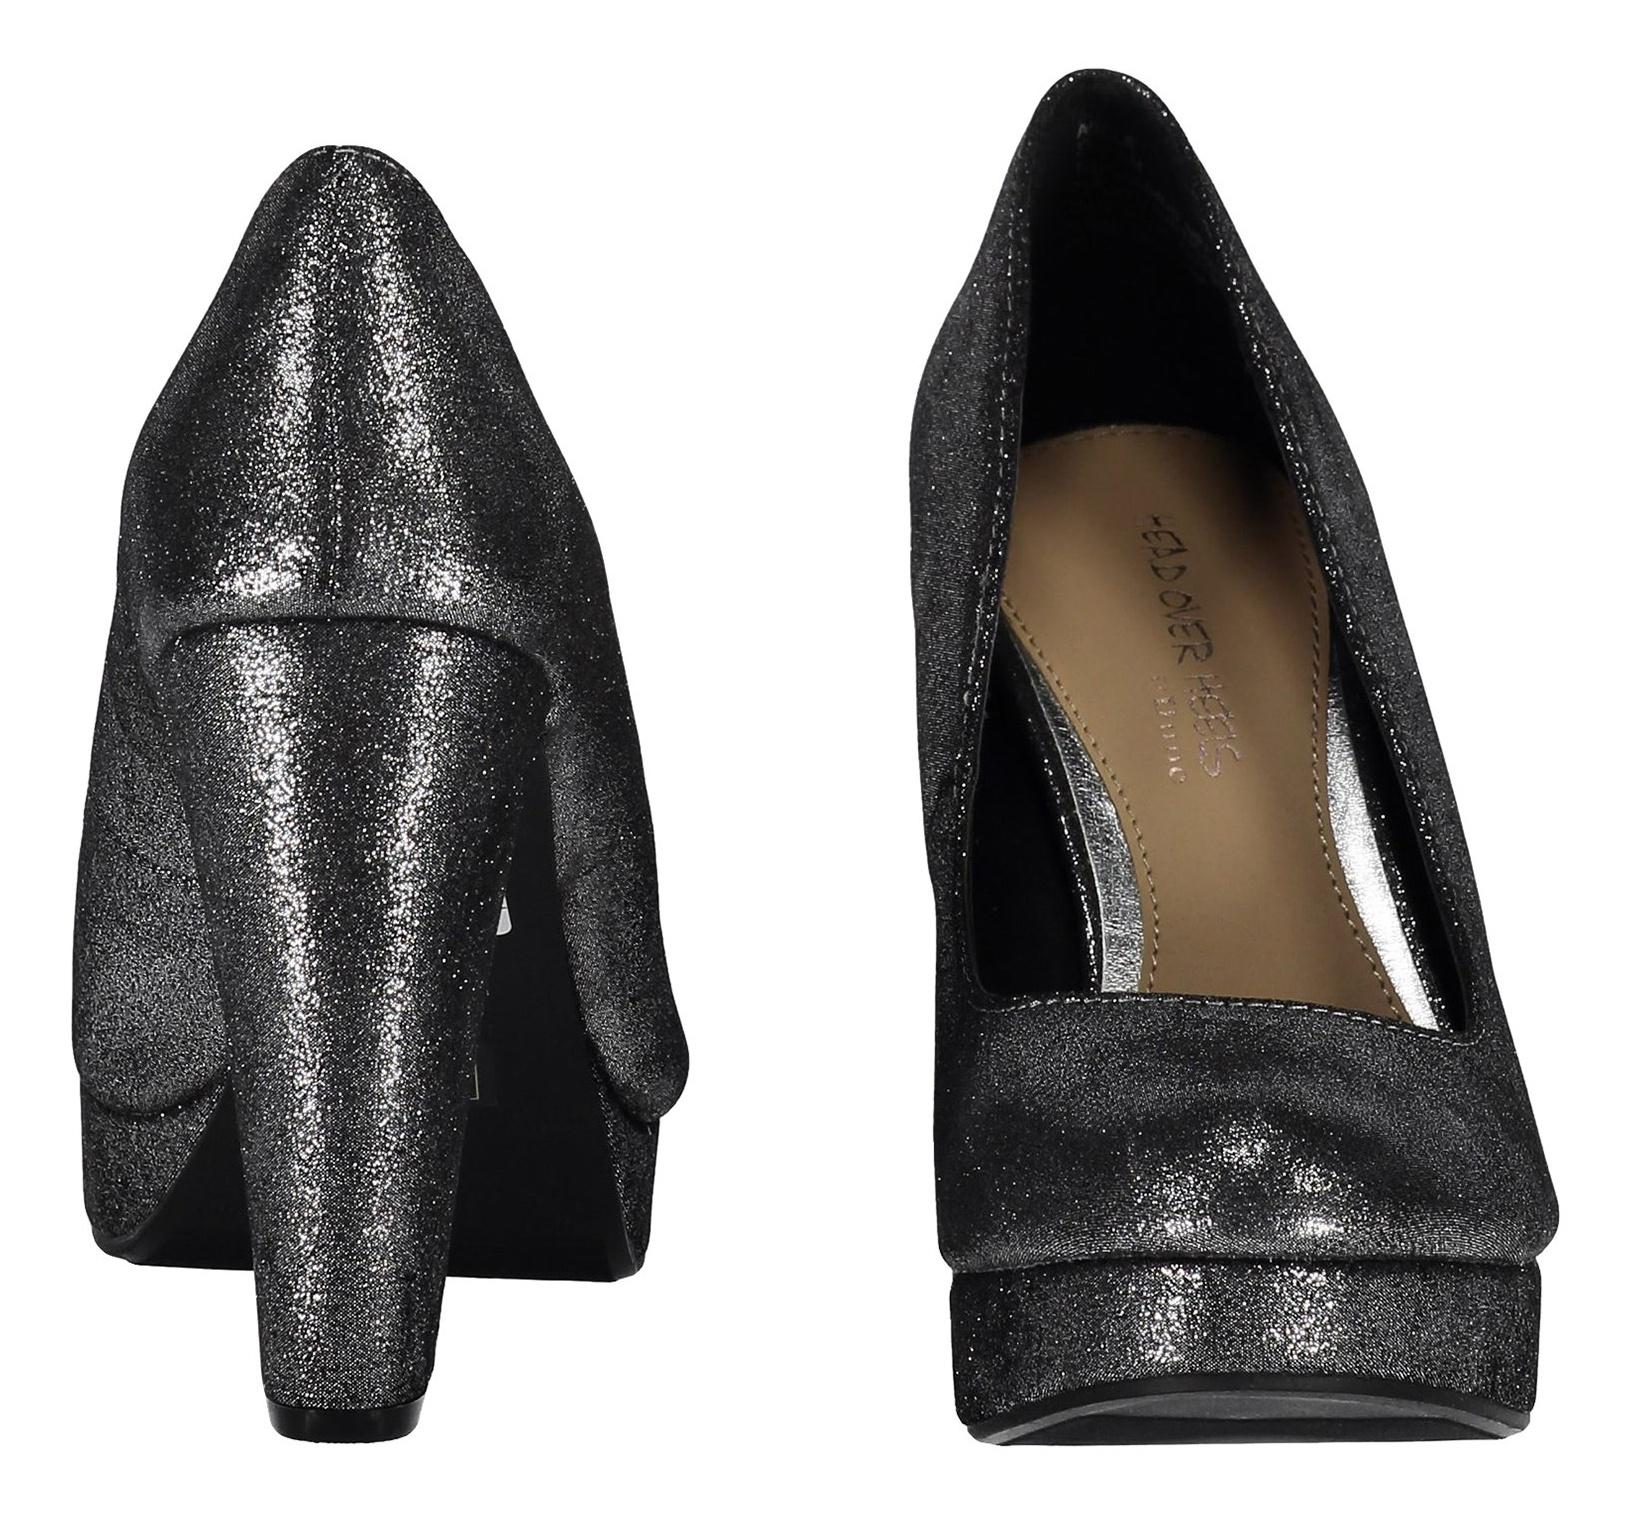 کفش پاشنه بلند زنانه - هد اور هیلز بای دون لندن main 1 4